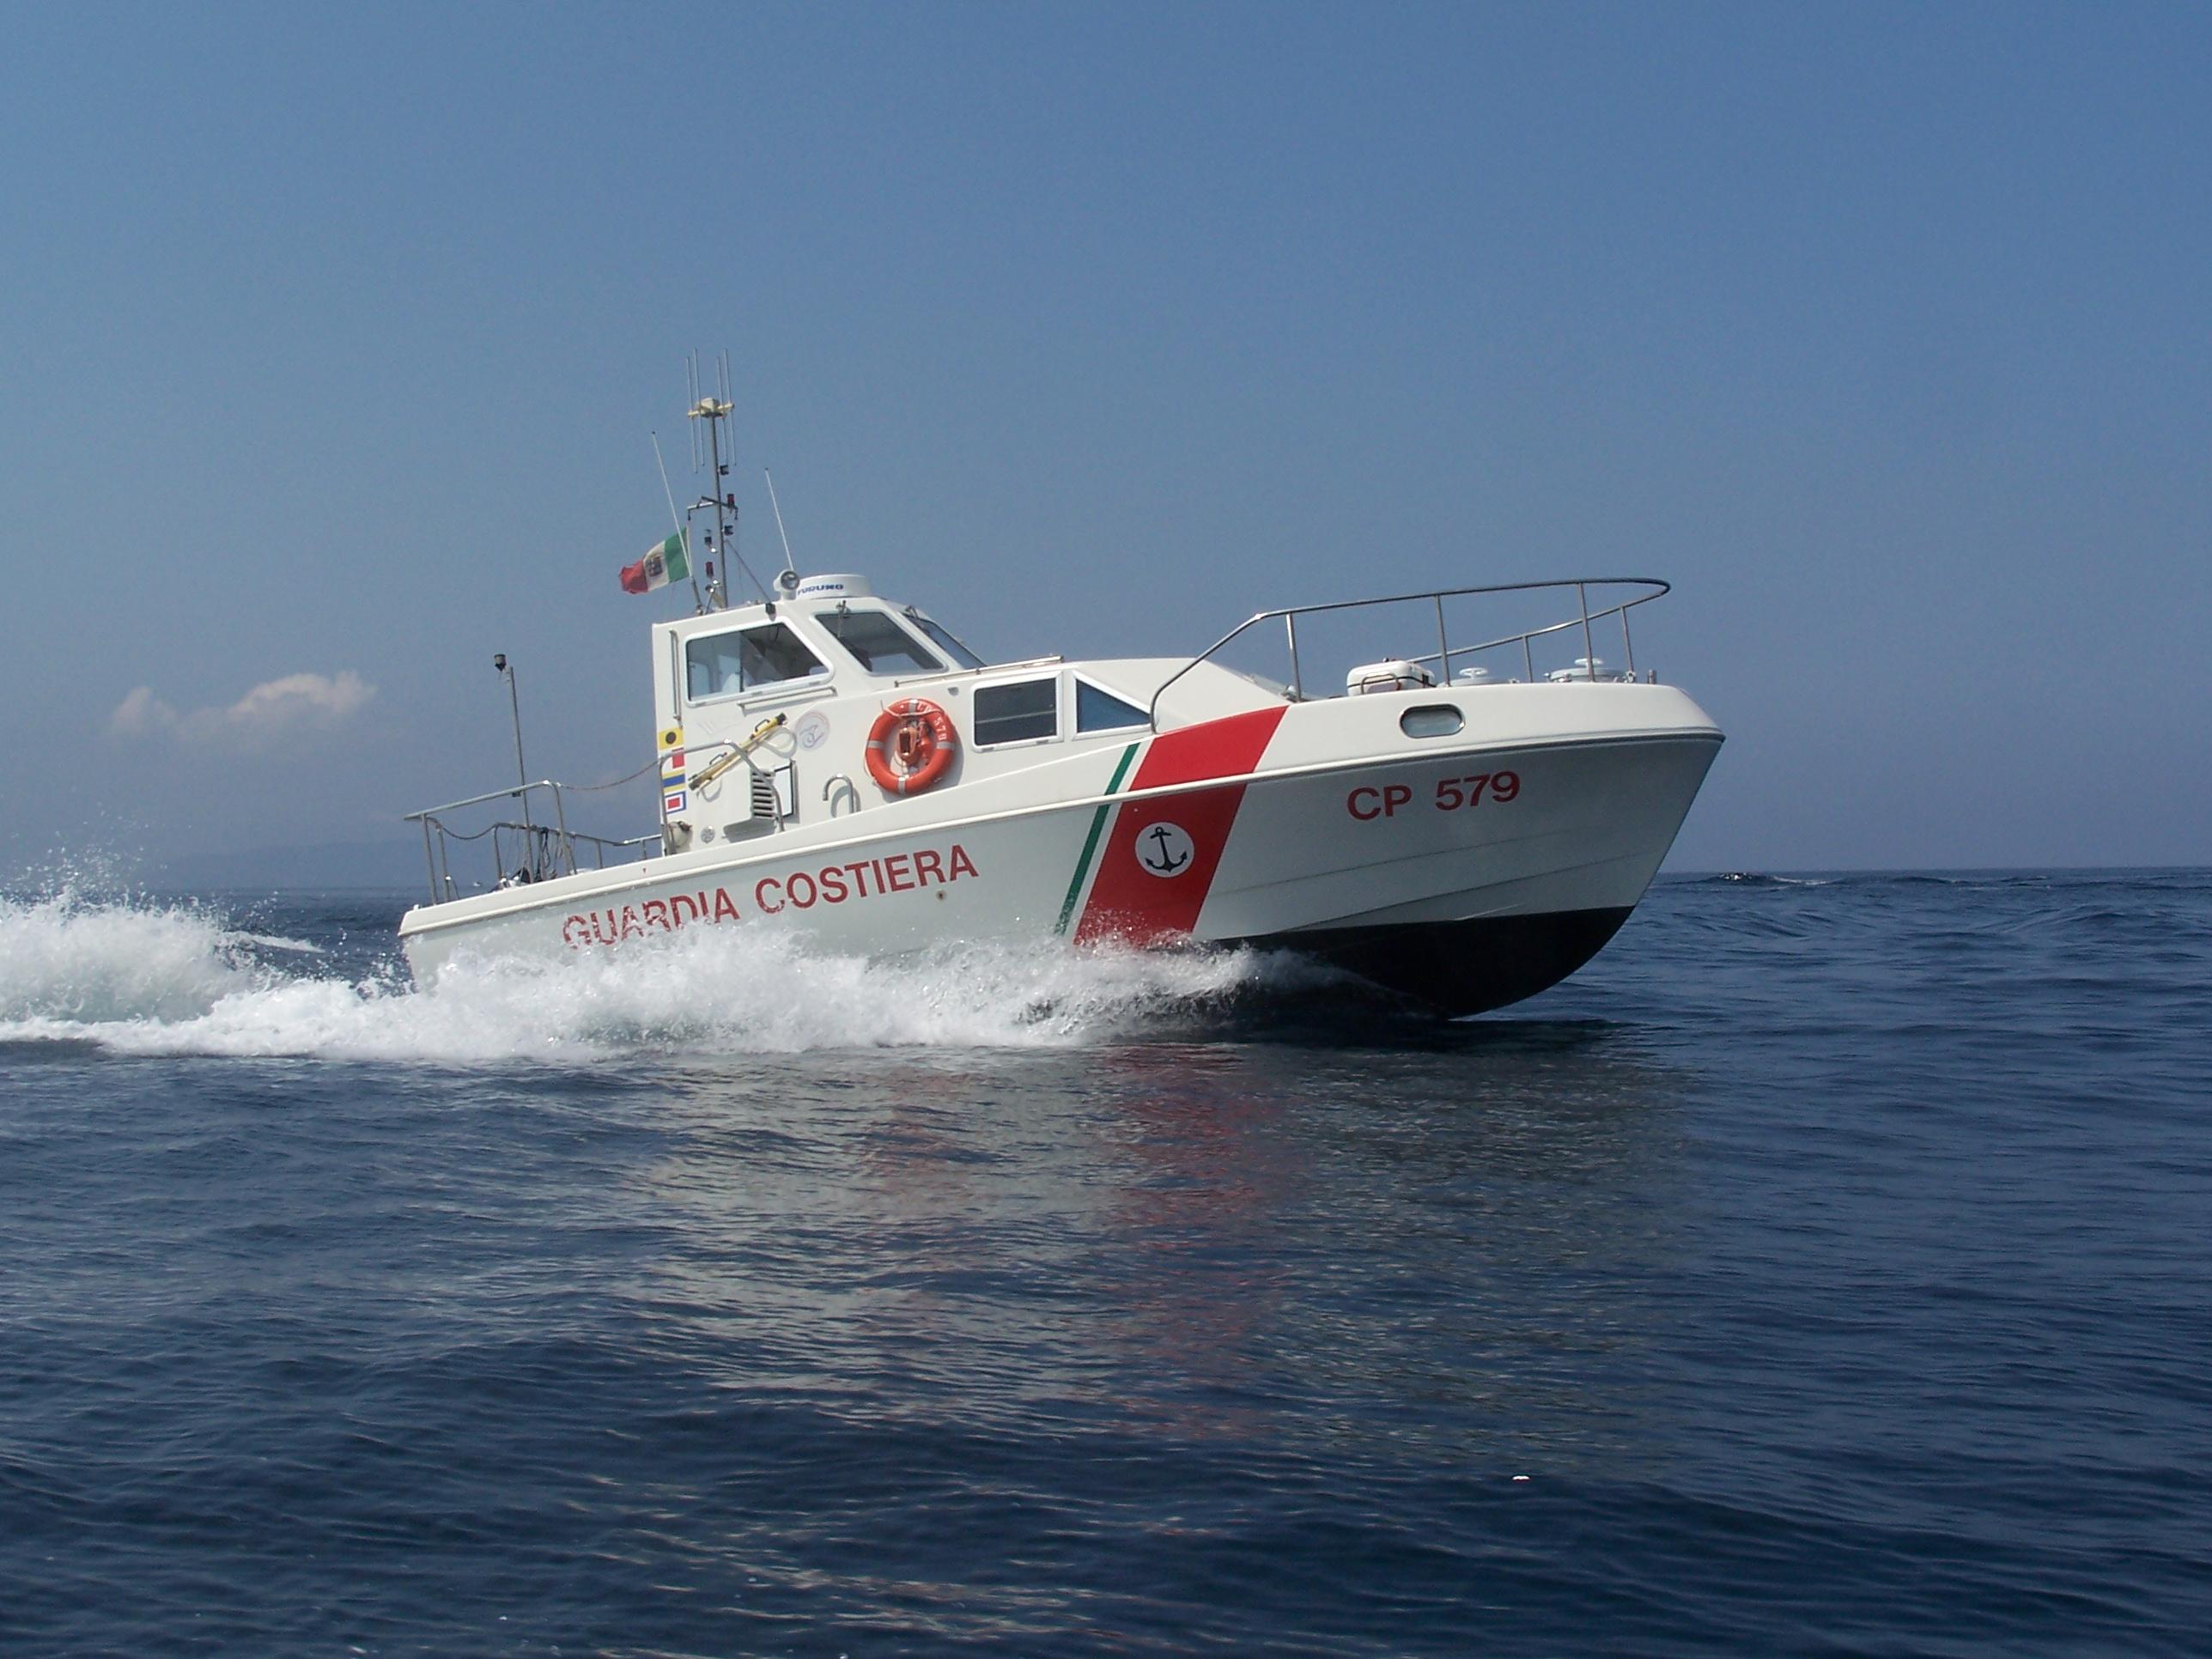 [Guardia Costiera] Trapani. Pesca di frodo:  sequestrati 500 ricci di mare